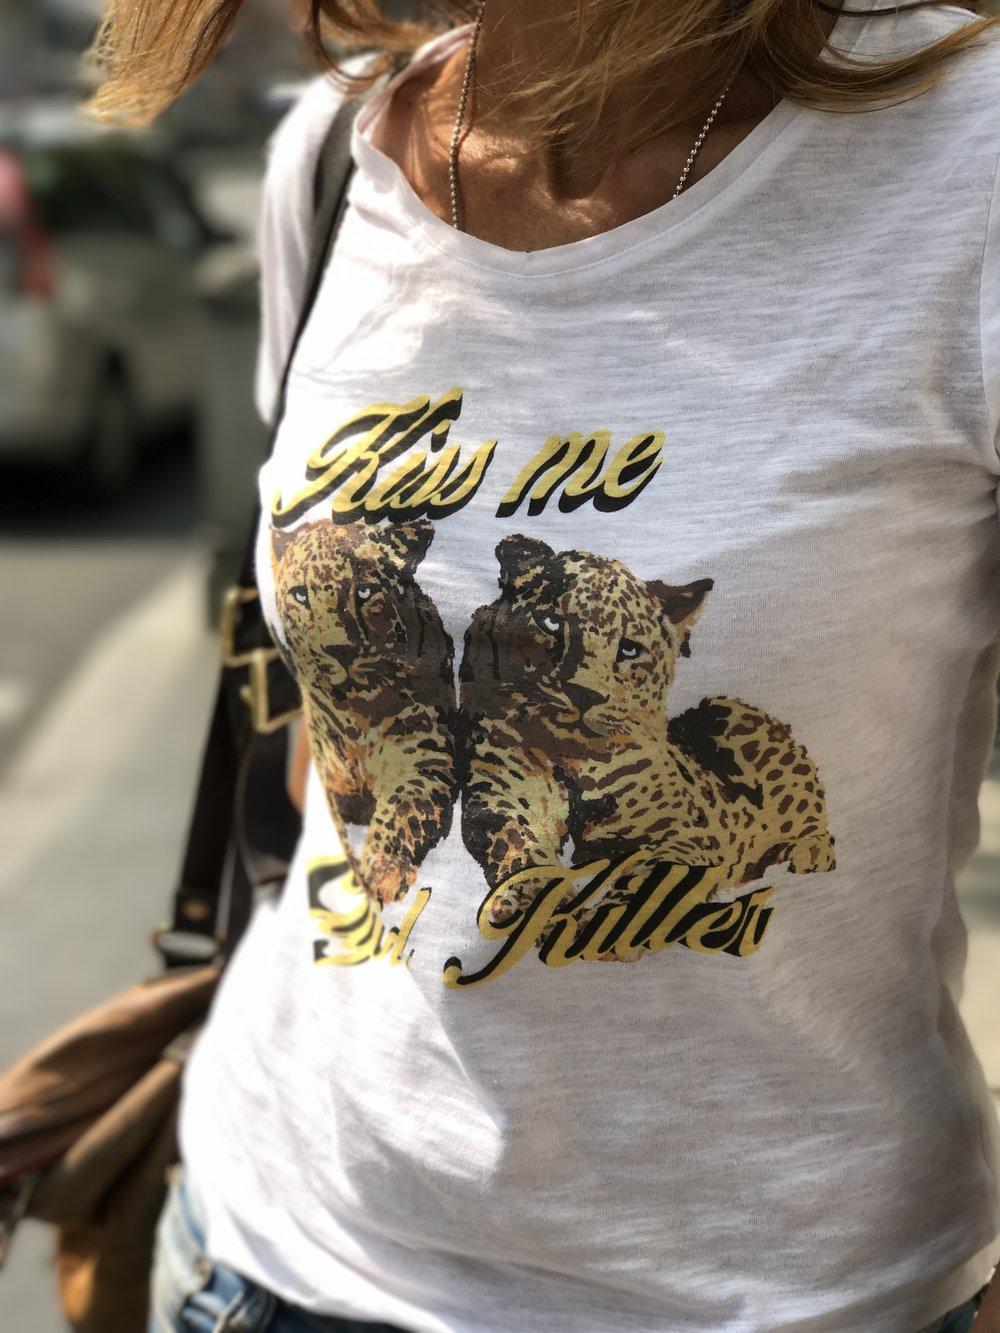 cupid killer camiseta kiss me blanca 7